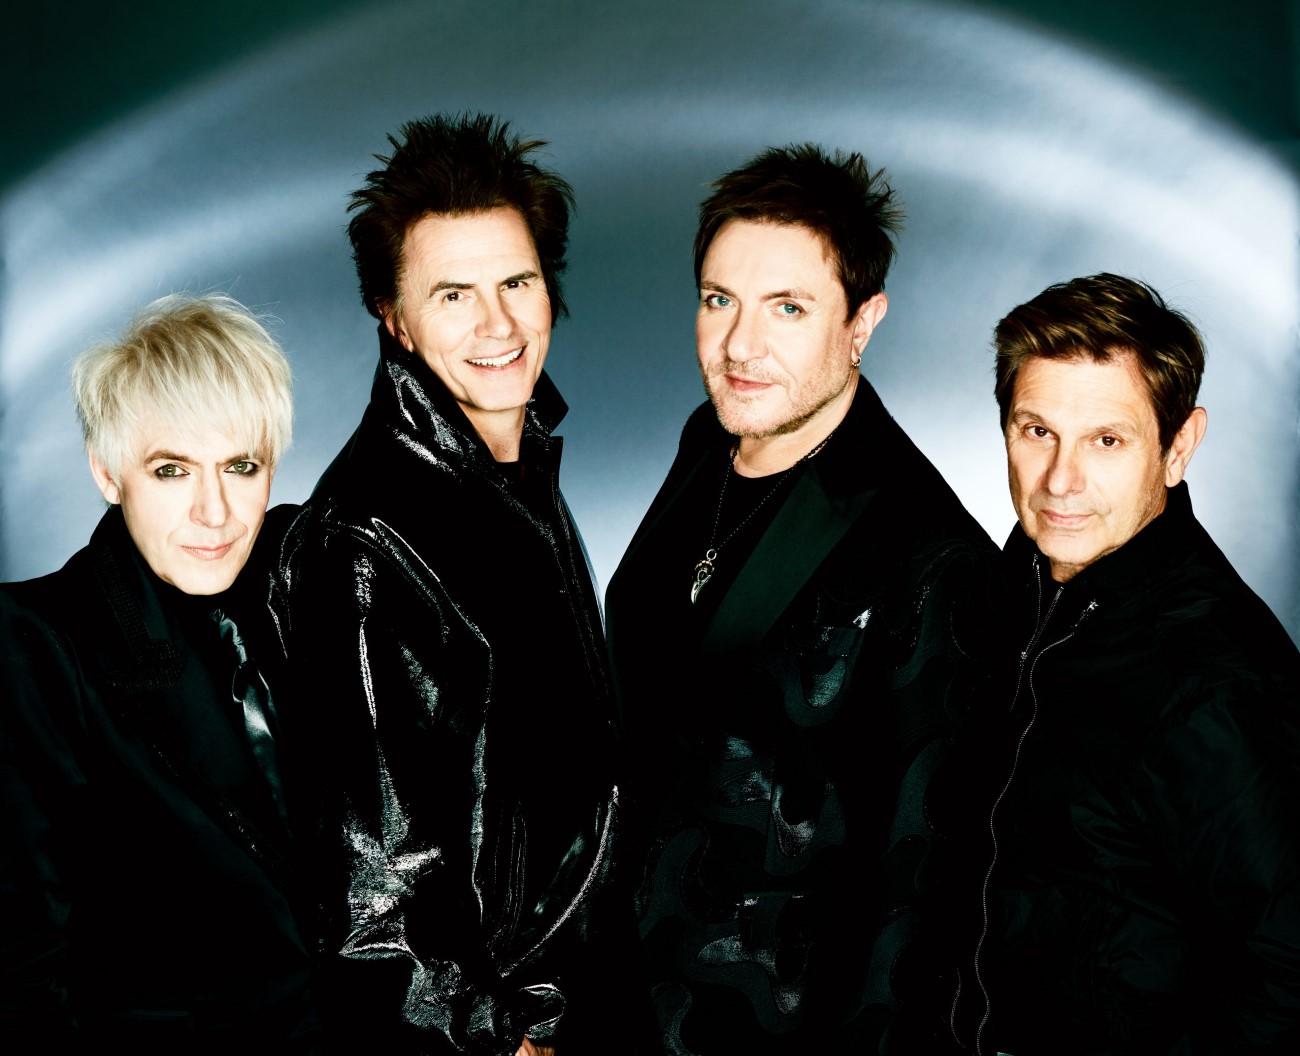 Duran Duran - Album Future Past